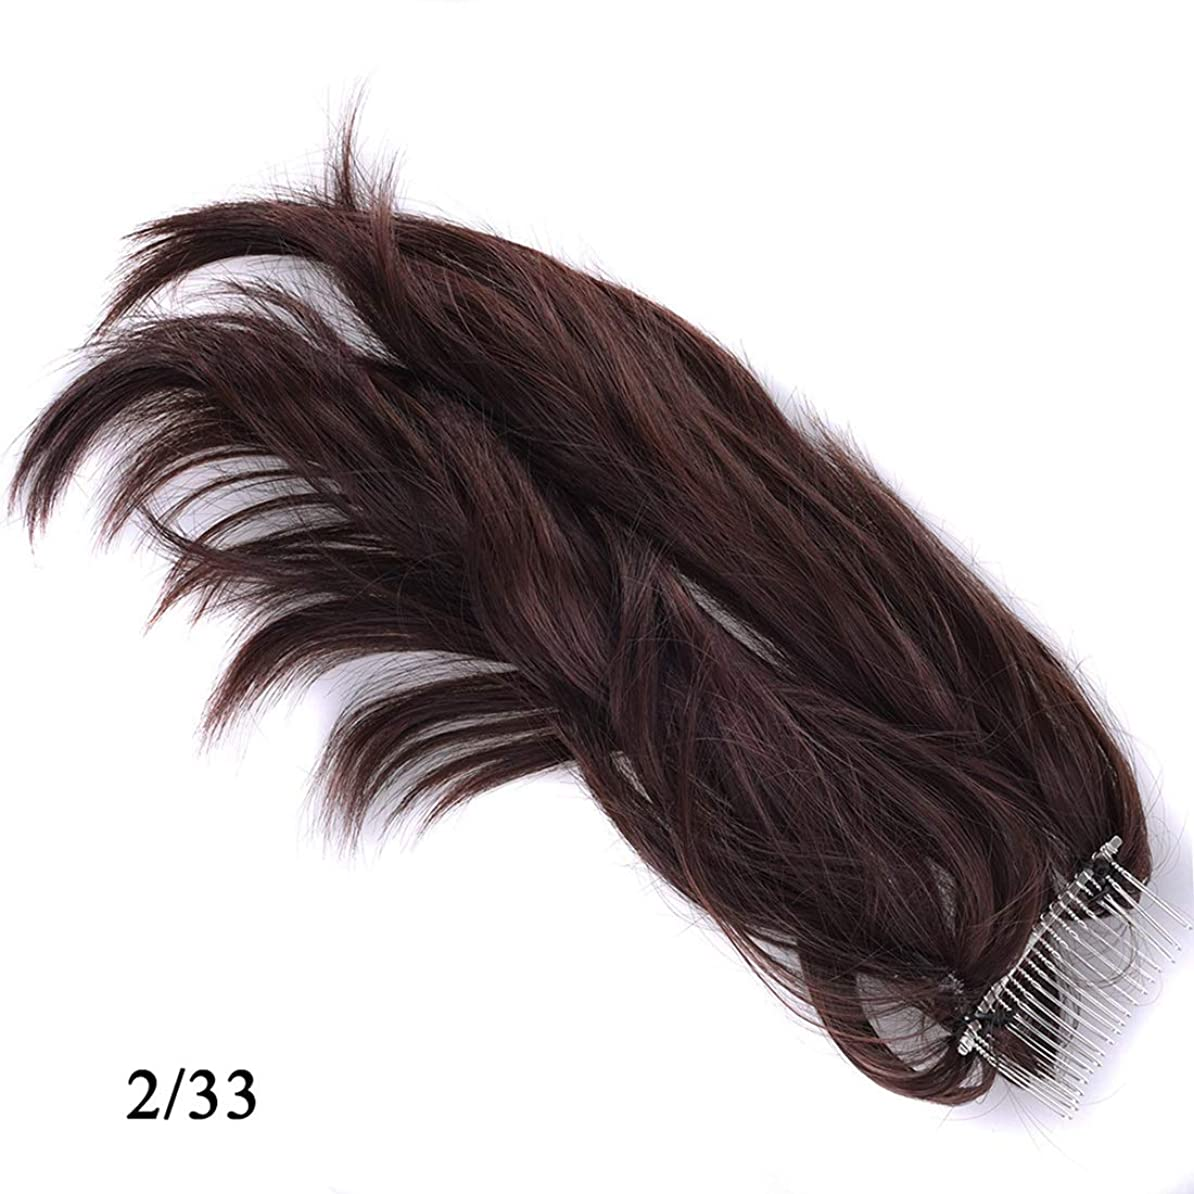 極貧知る毎日JIANFU かつらヘアリング様々な柔軟なポニーテールメタルプラグコムポニーテール化学繊維ヘアエクステンションピース (Color : 2/33)